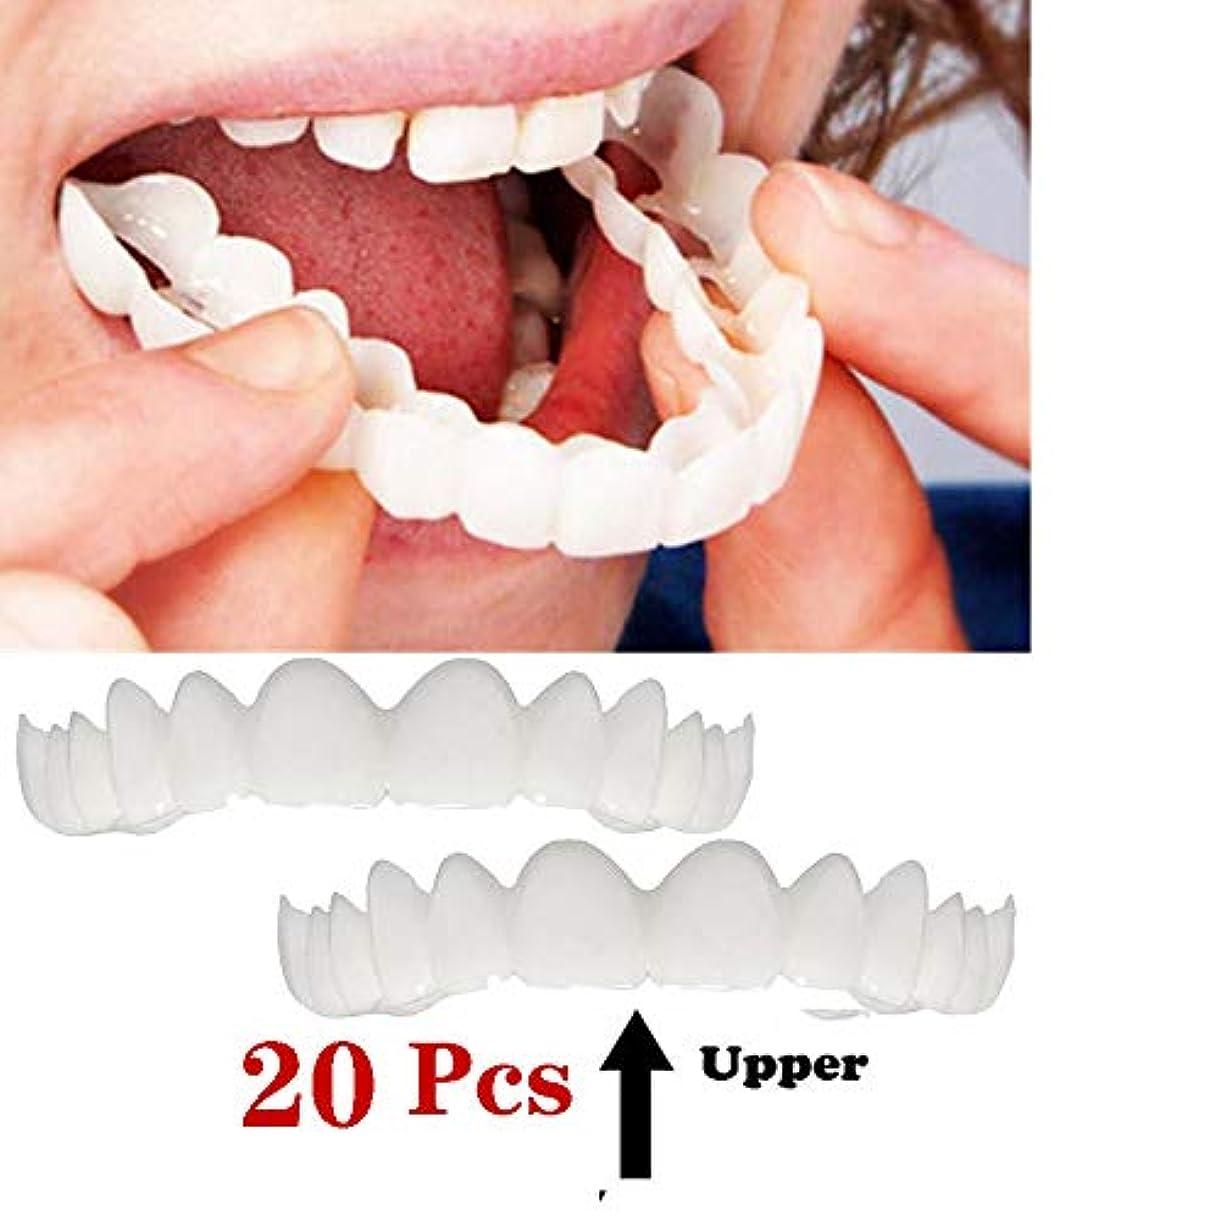 笑顔の義歯フィットフレックス化粧品の歯快適なベニヤカバー歯のスナップを白くする笑顔の歯化粧品の義歯、化粧品の歯20個